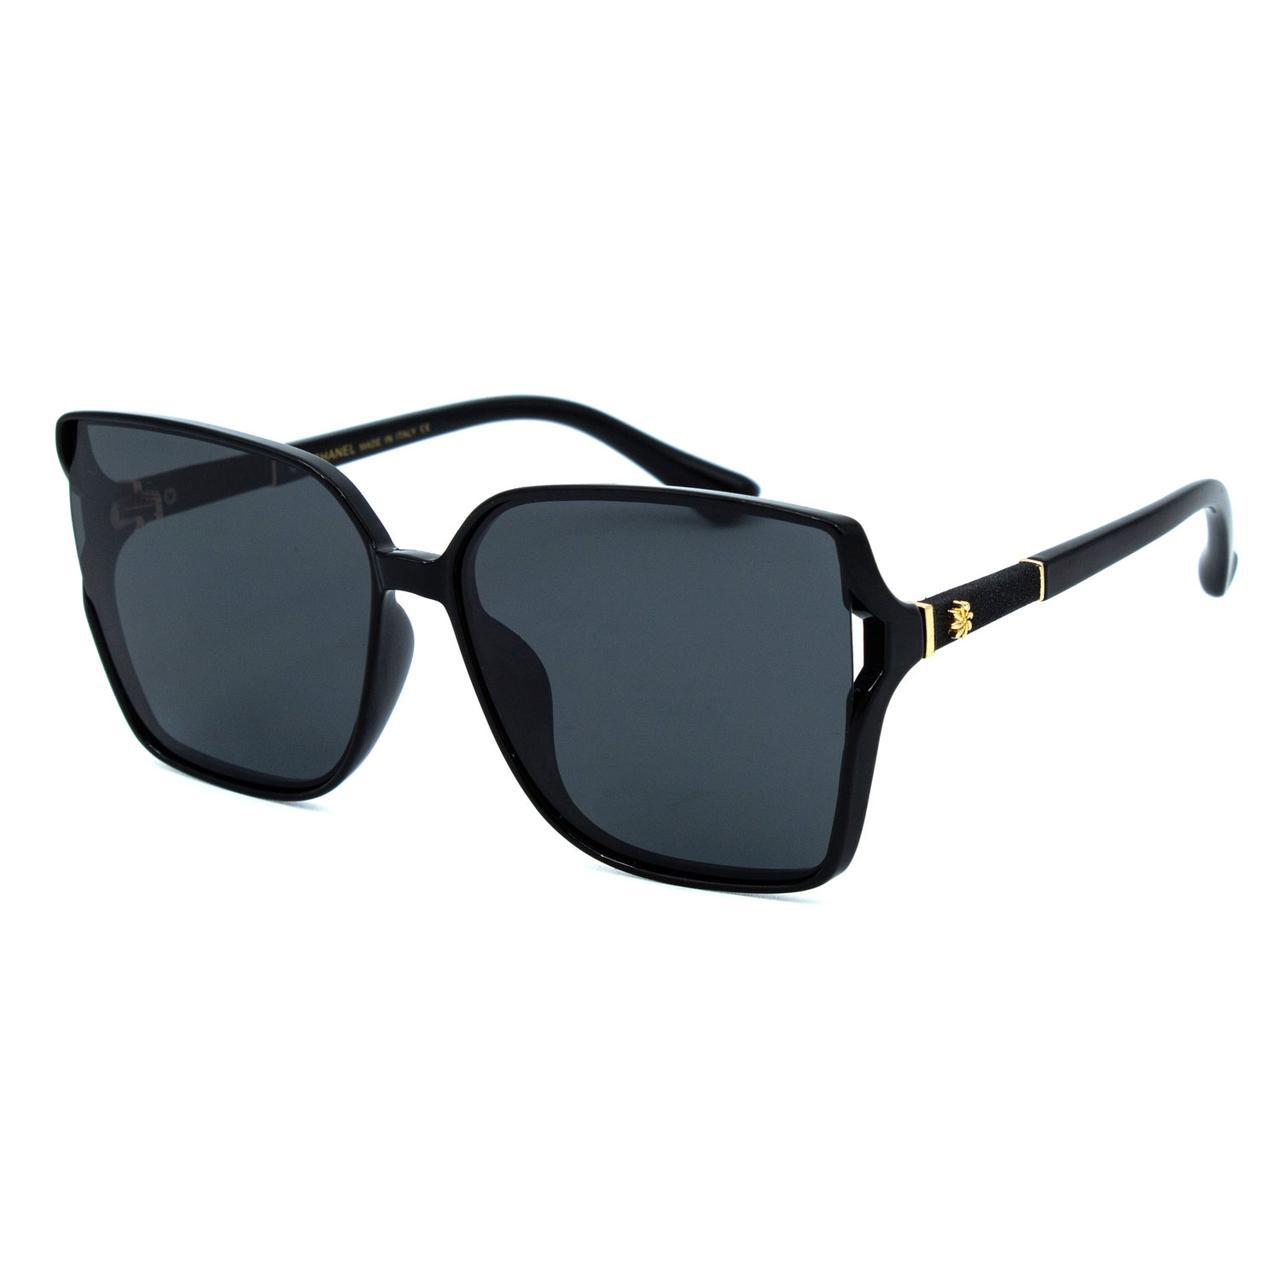 Солнцезащитные очки Ch R3964 C1 черные     ( R3964-01 )